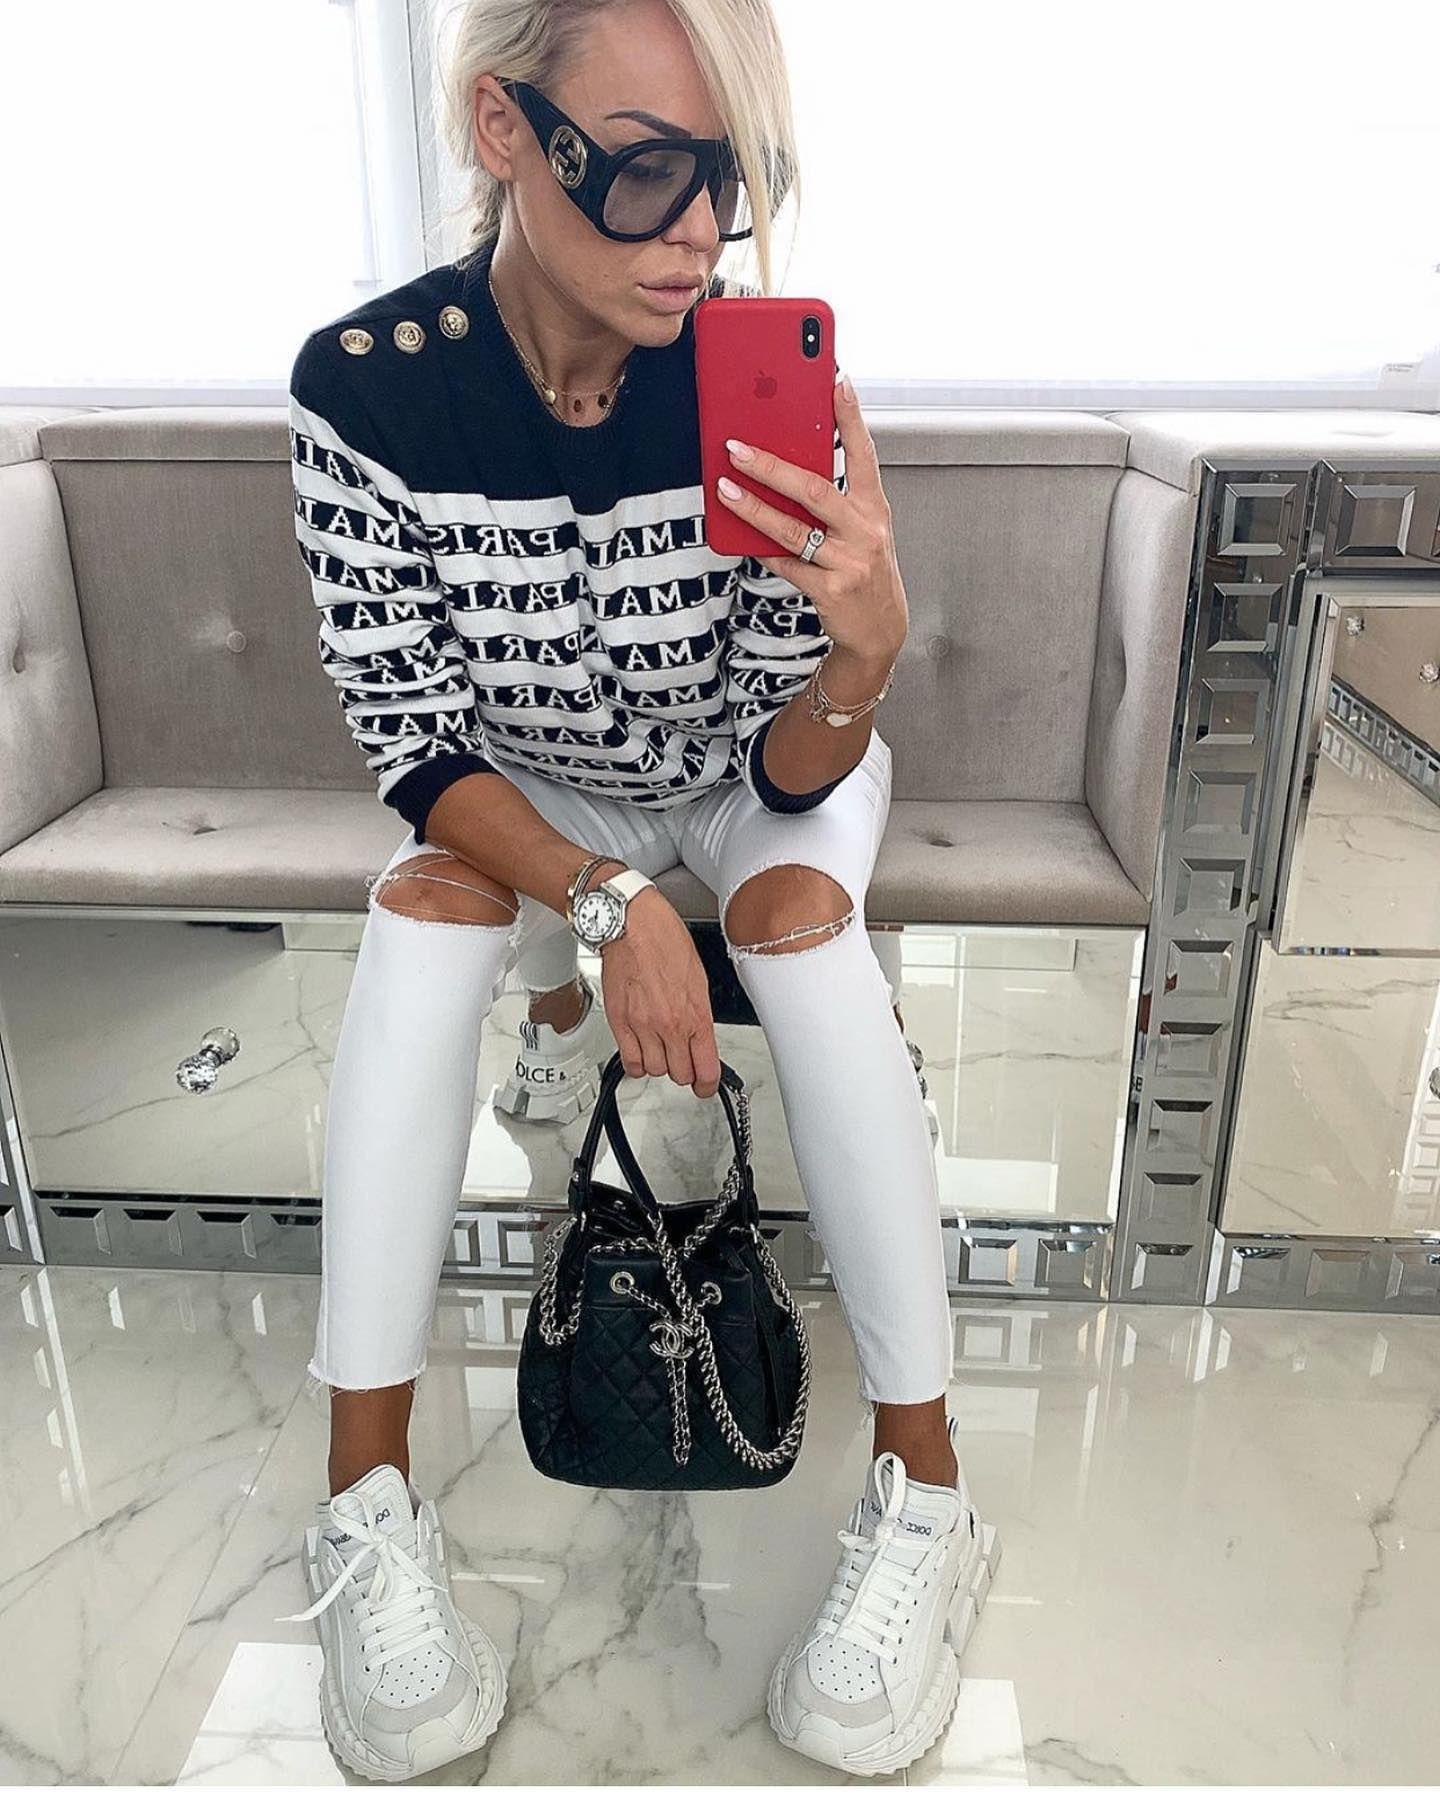 Piekna Ania W Niebanalny Sposob Polaczyla Sportowy Styl Z Elegancja Link Do Butow Dolcegabbana Znajdziecie W Bio Luksus Luksu Fashion Pants White Jeans